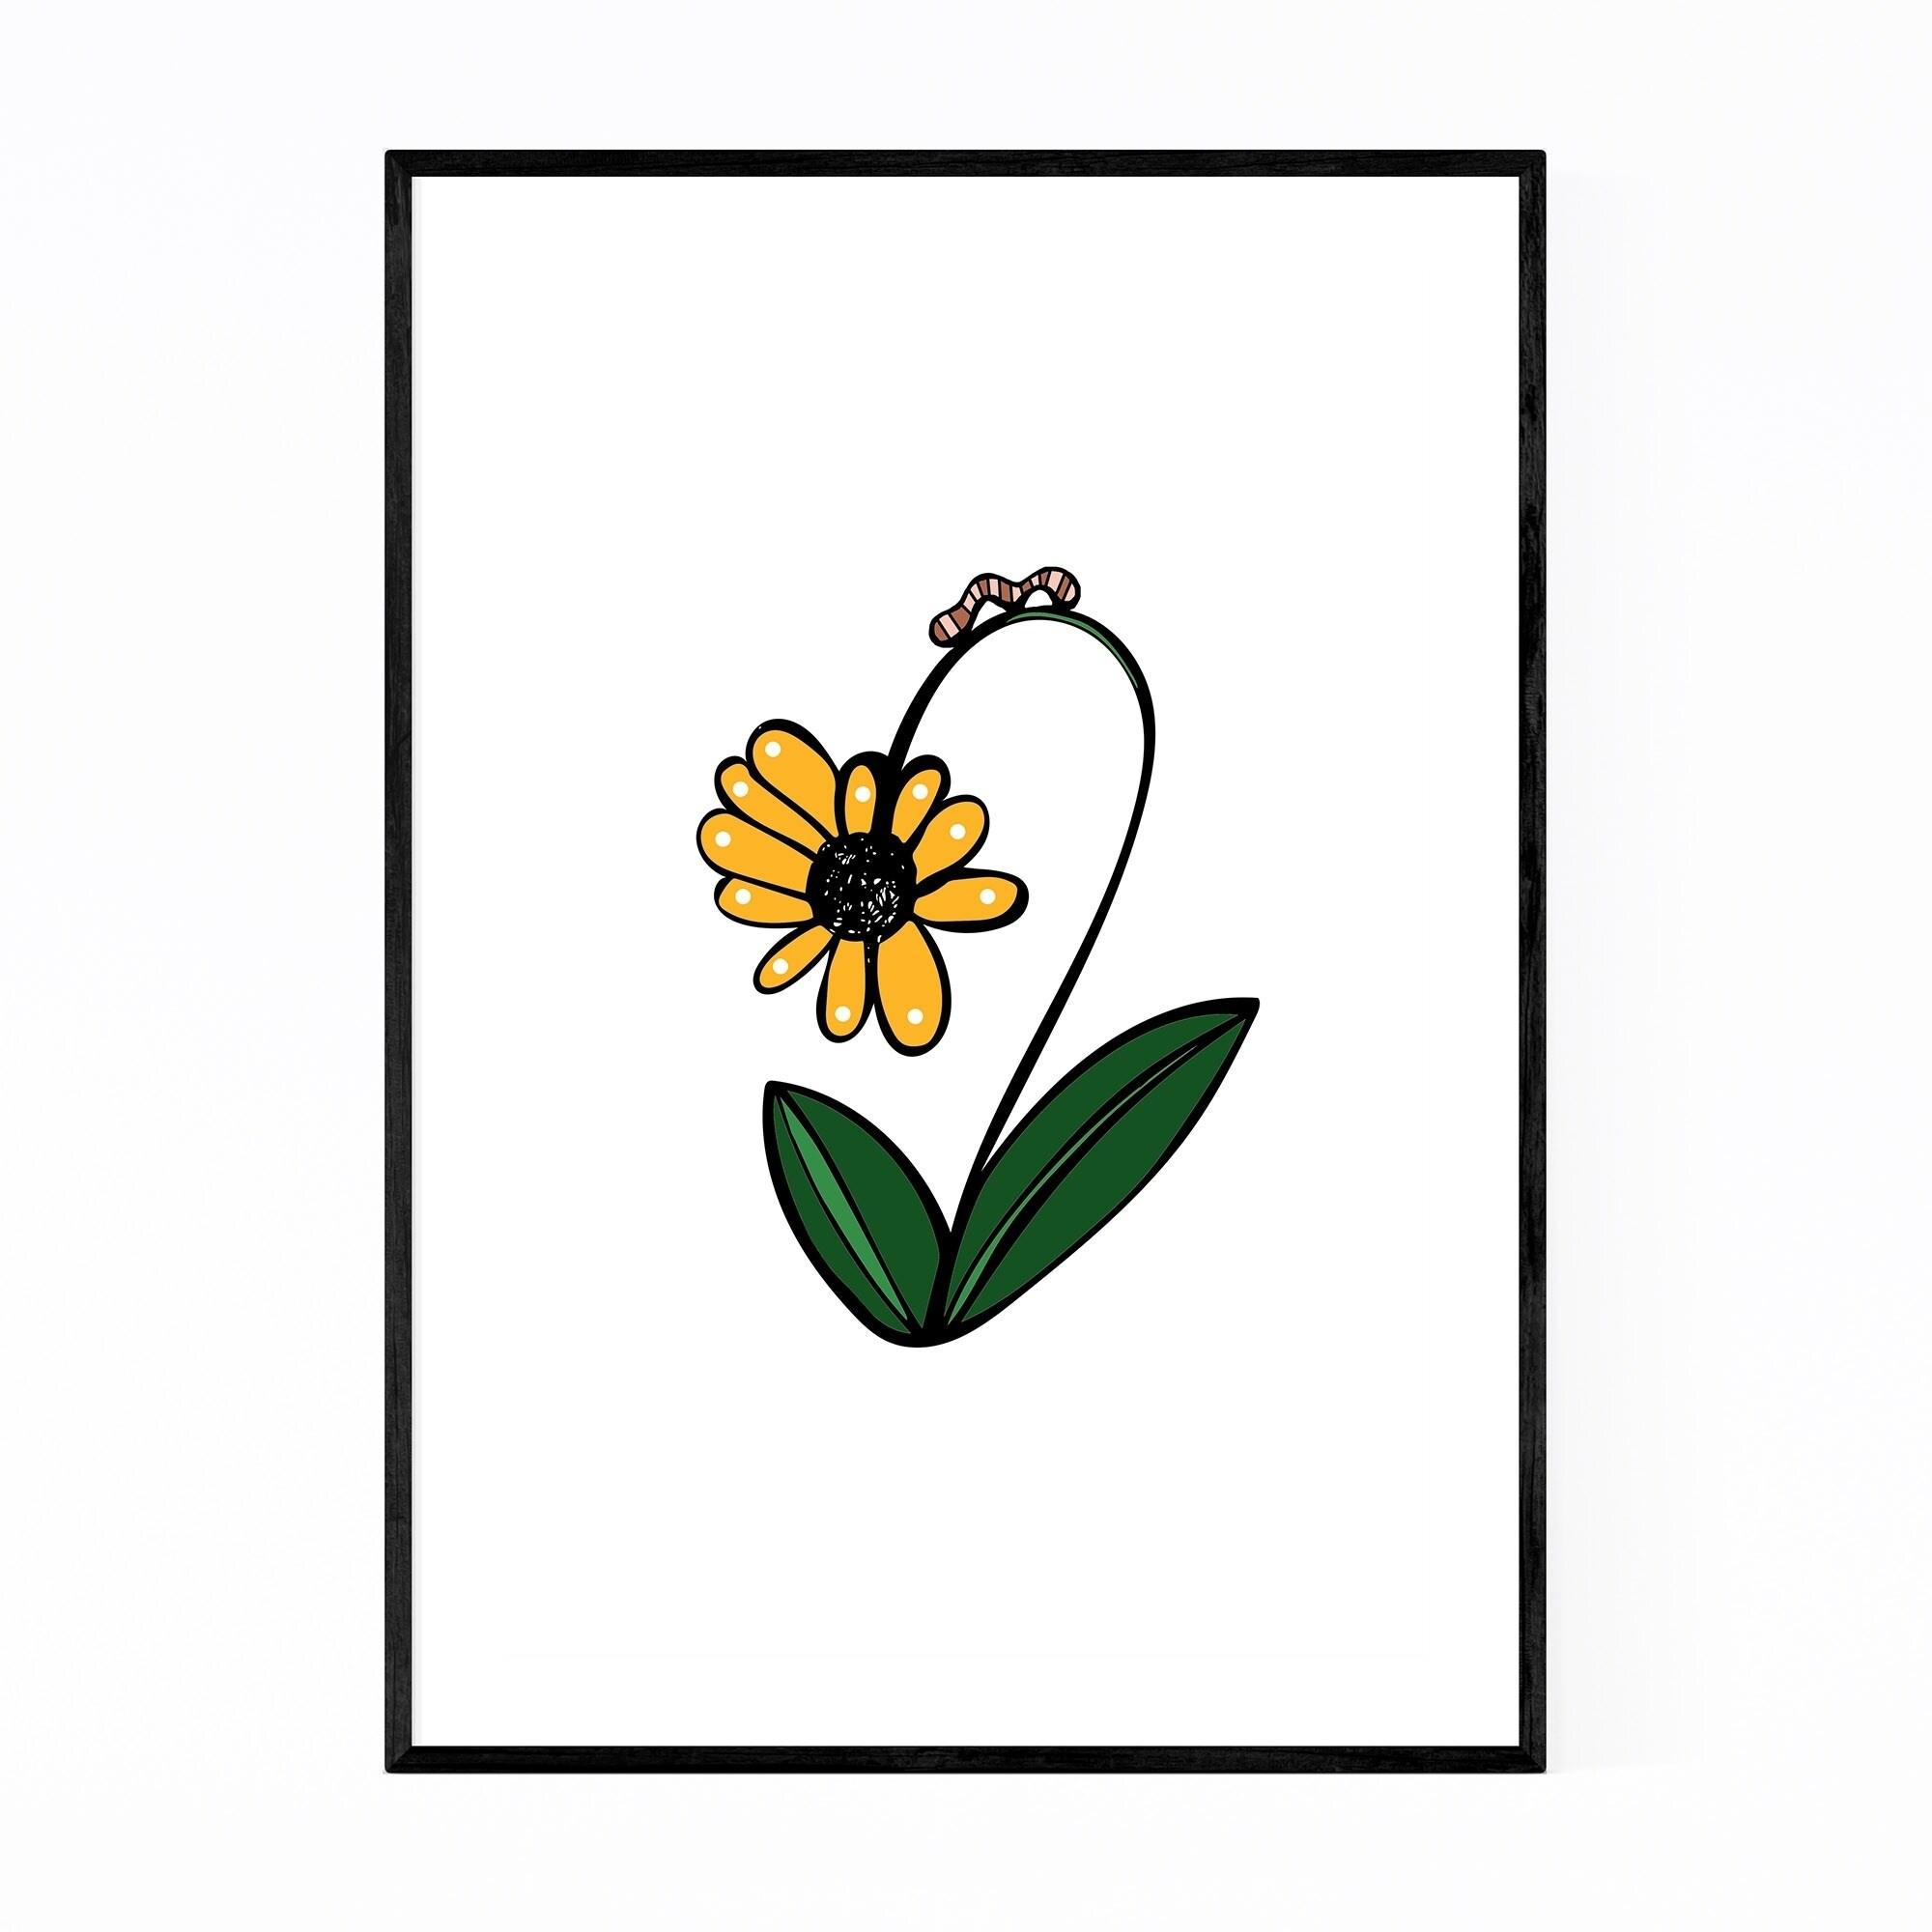 Noir Gallery Floral Daisy Illustration Framed Art Print